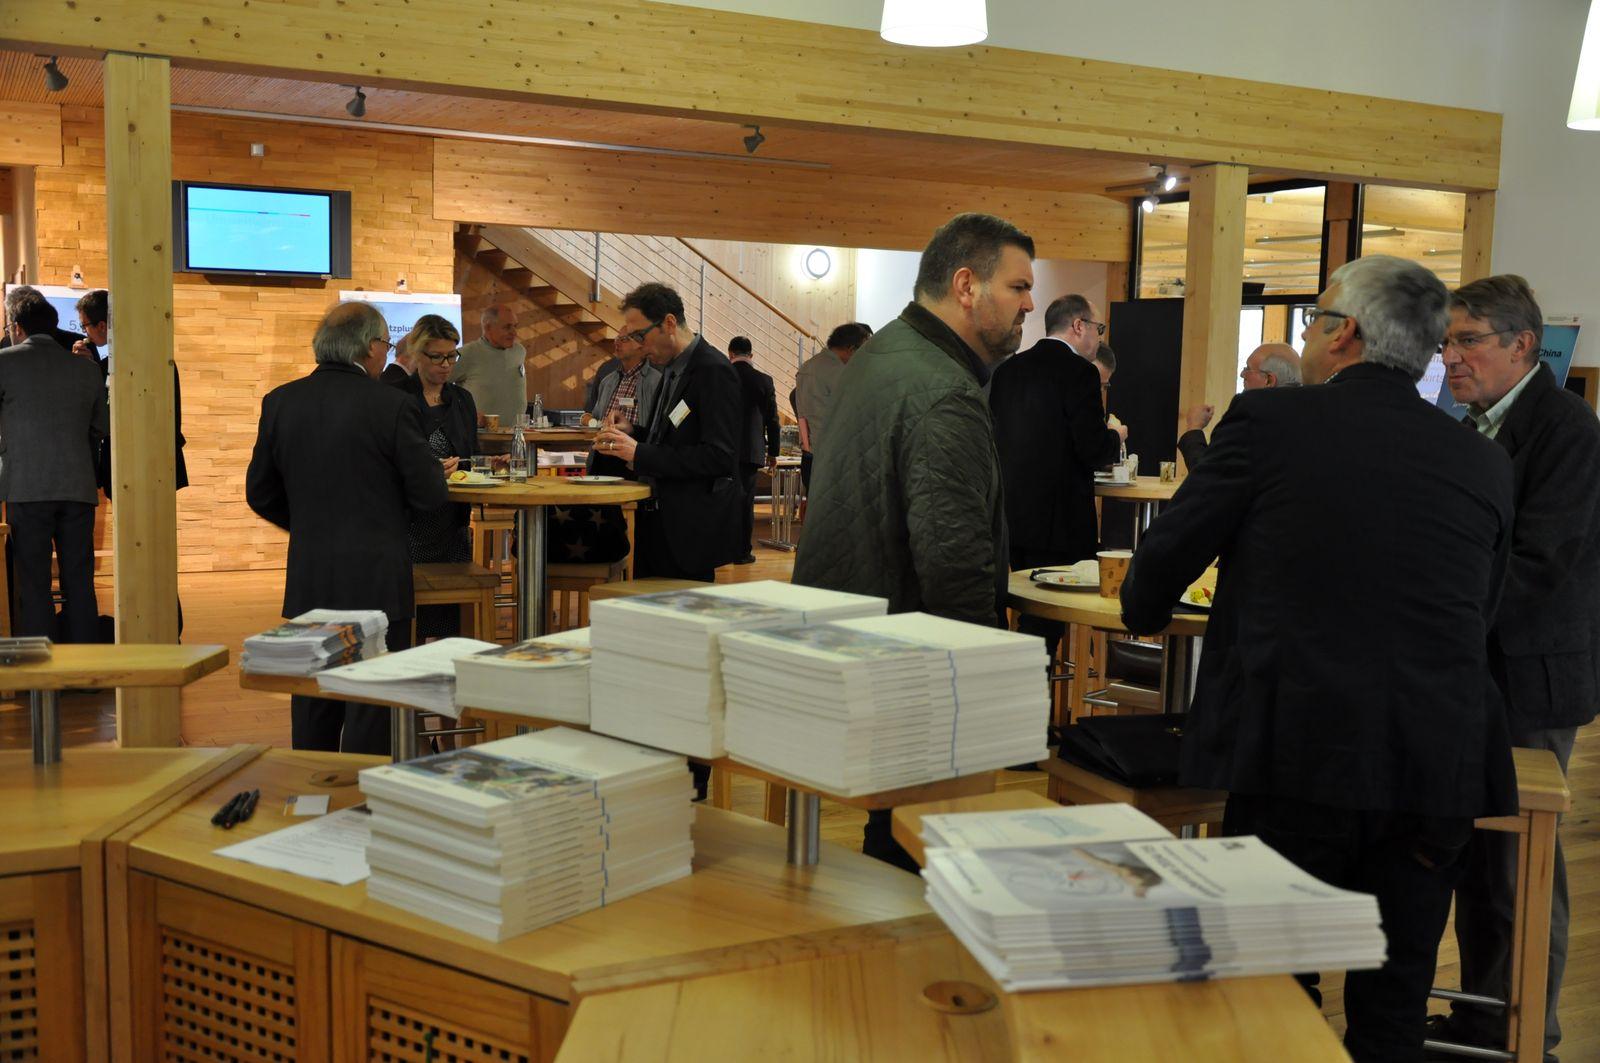 Die Gäste diskutieren in Gruppen beim Wirtschaftsforum in Olsberg.